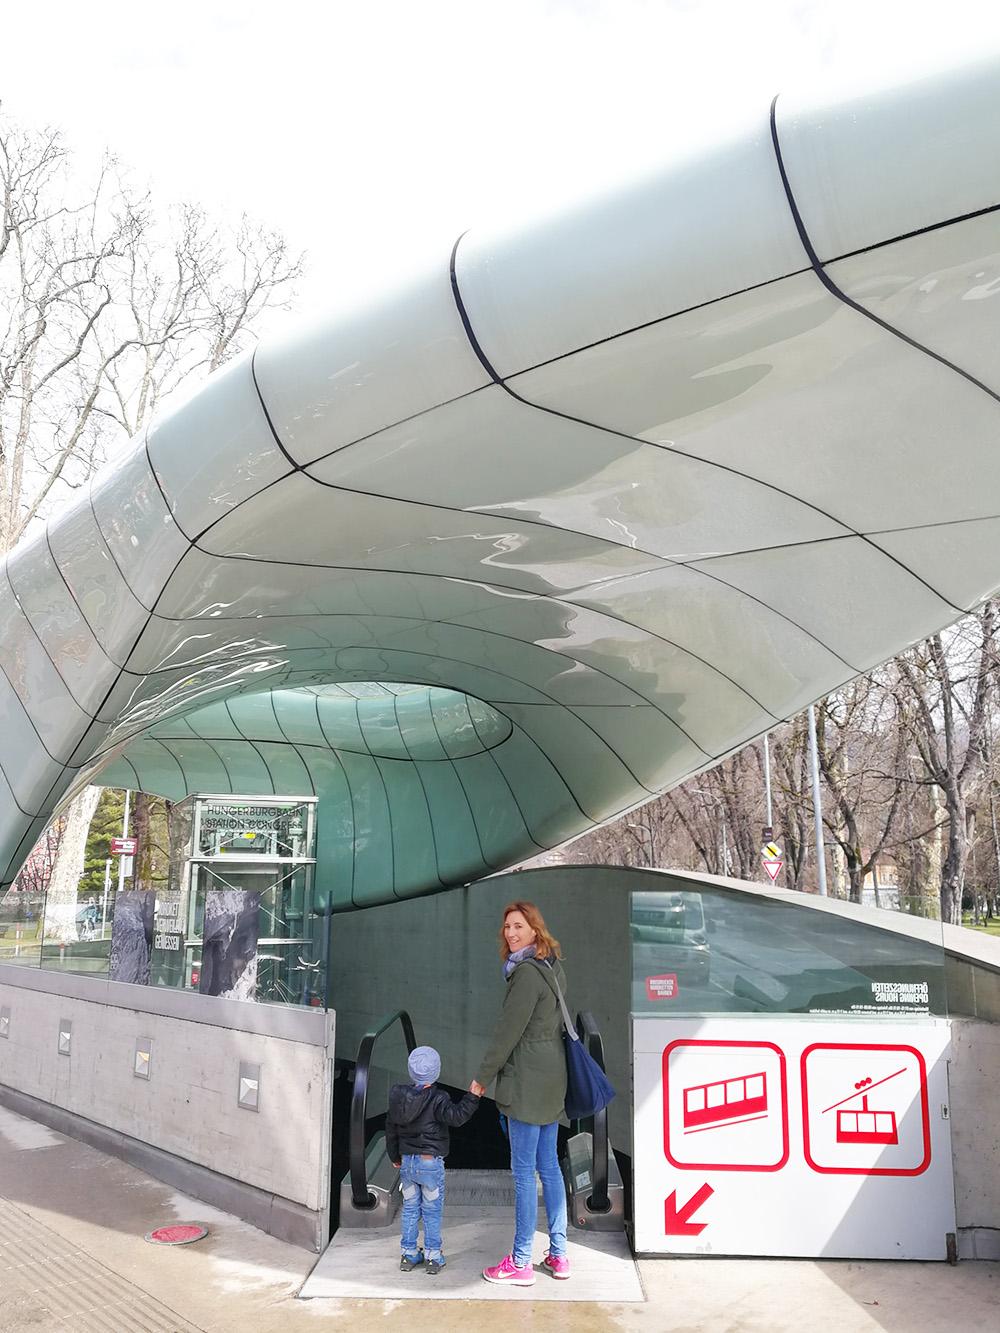 Reisetipps für Innsbruck Station der Hungerburgbahn